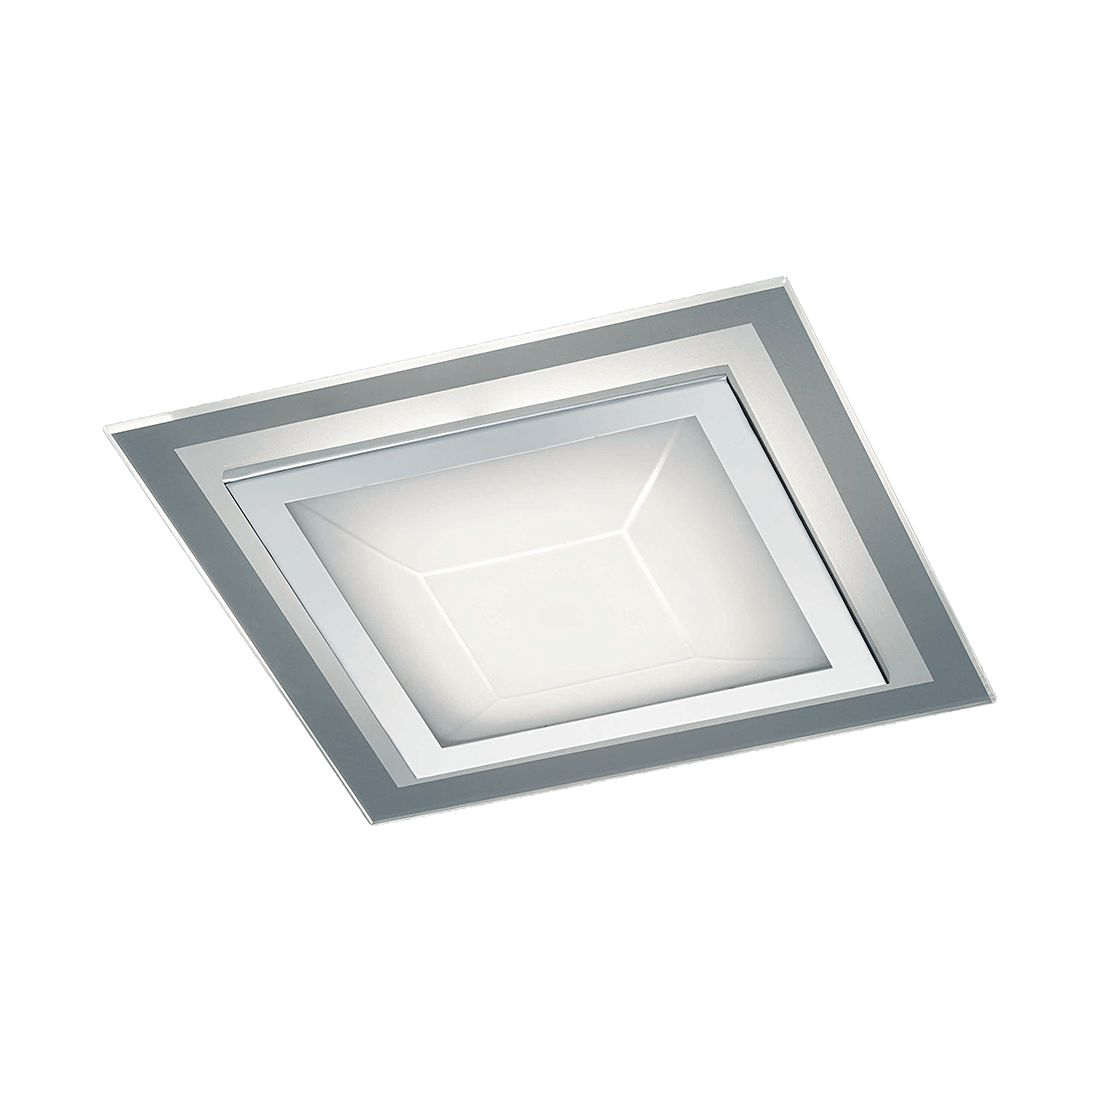 LED-Deckenleuchte Pyramid ● Chrom ● 1x12 W- Lux A+